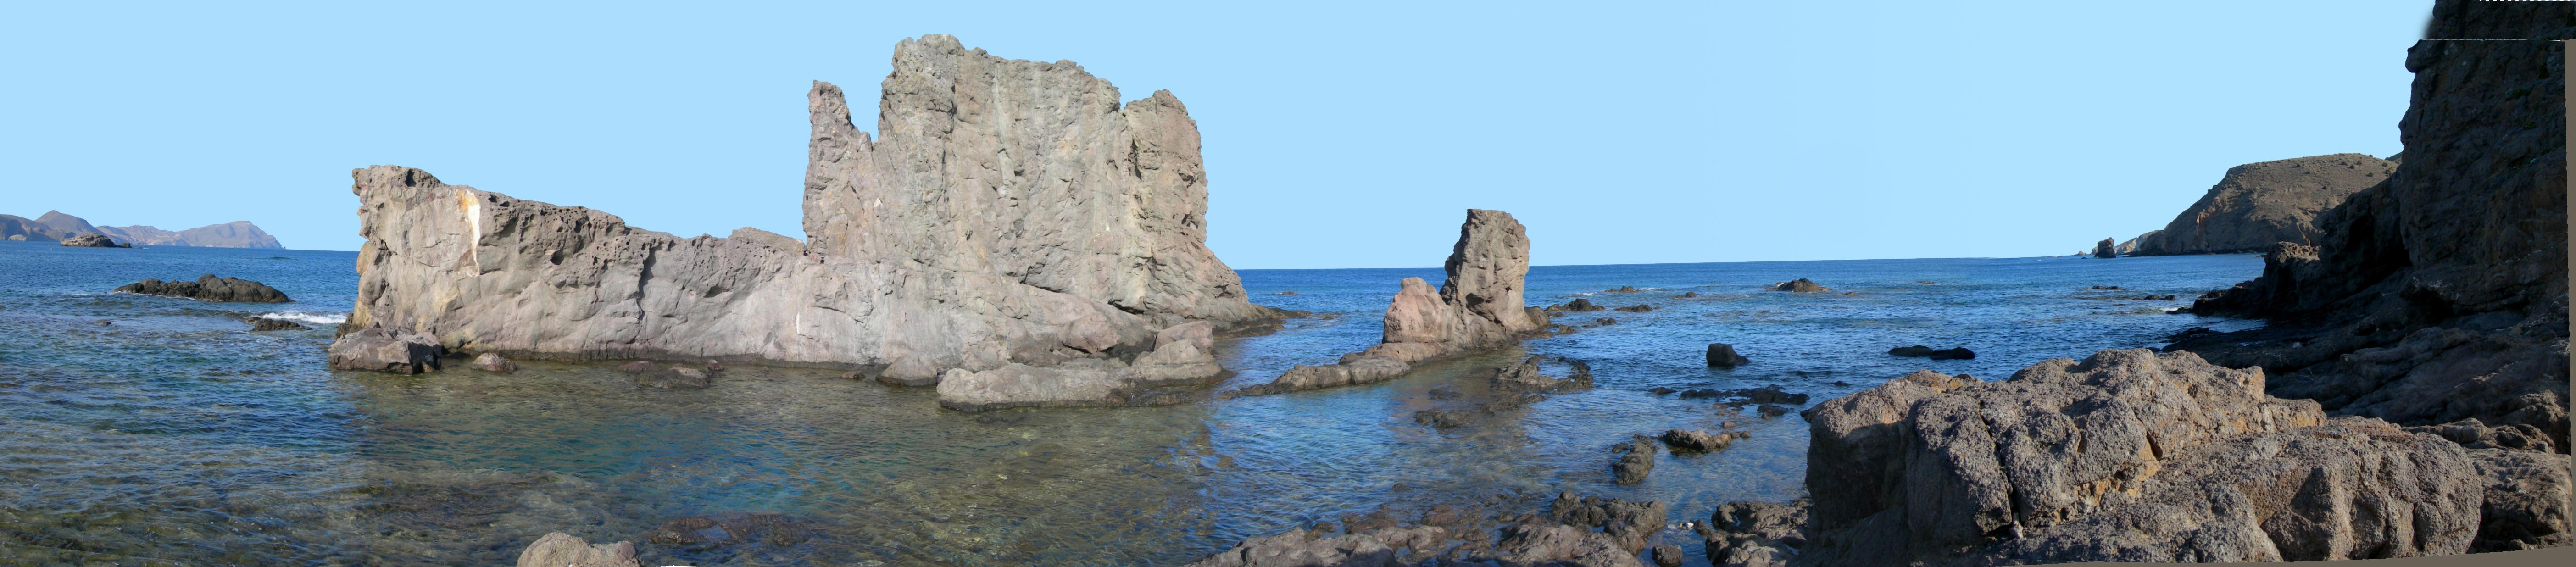 Foto playa El Embarcadero / El Esparto. Playa de los Escullos